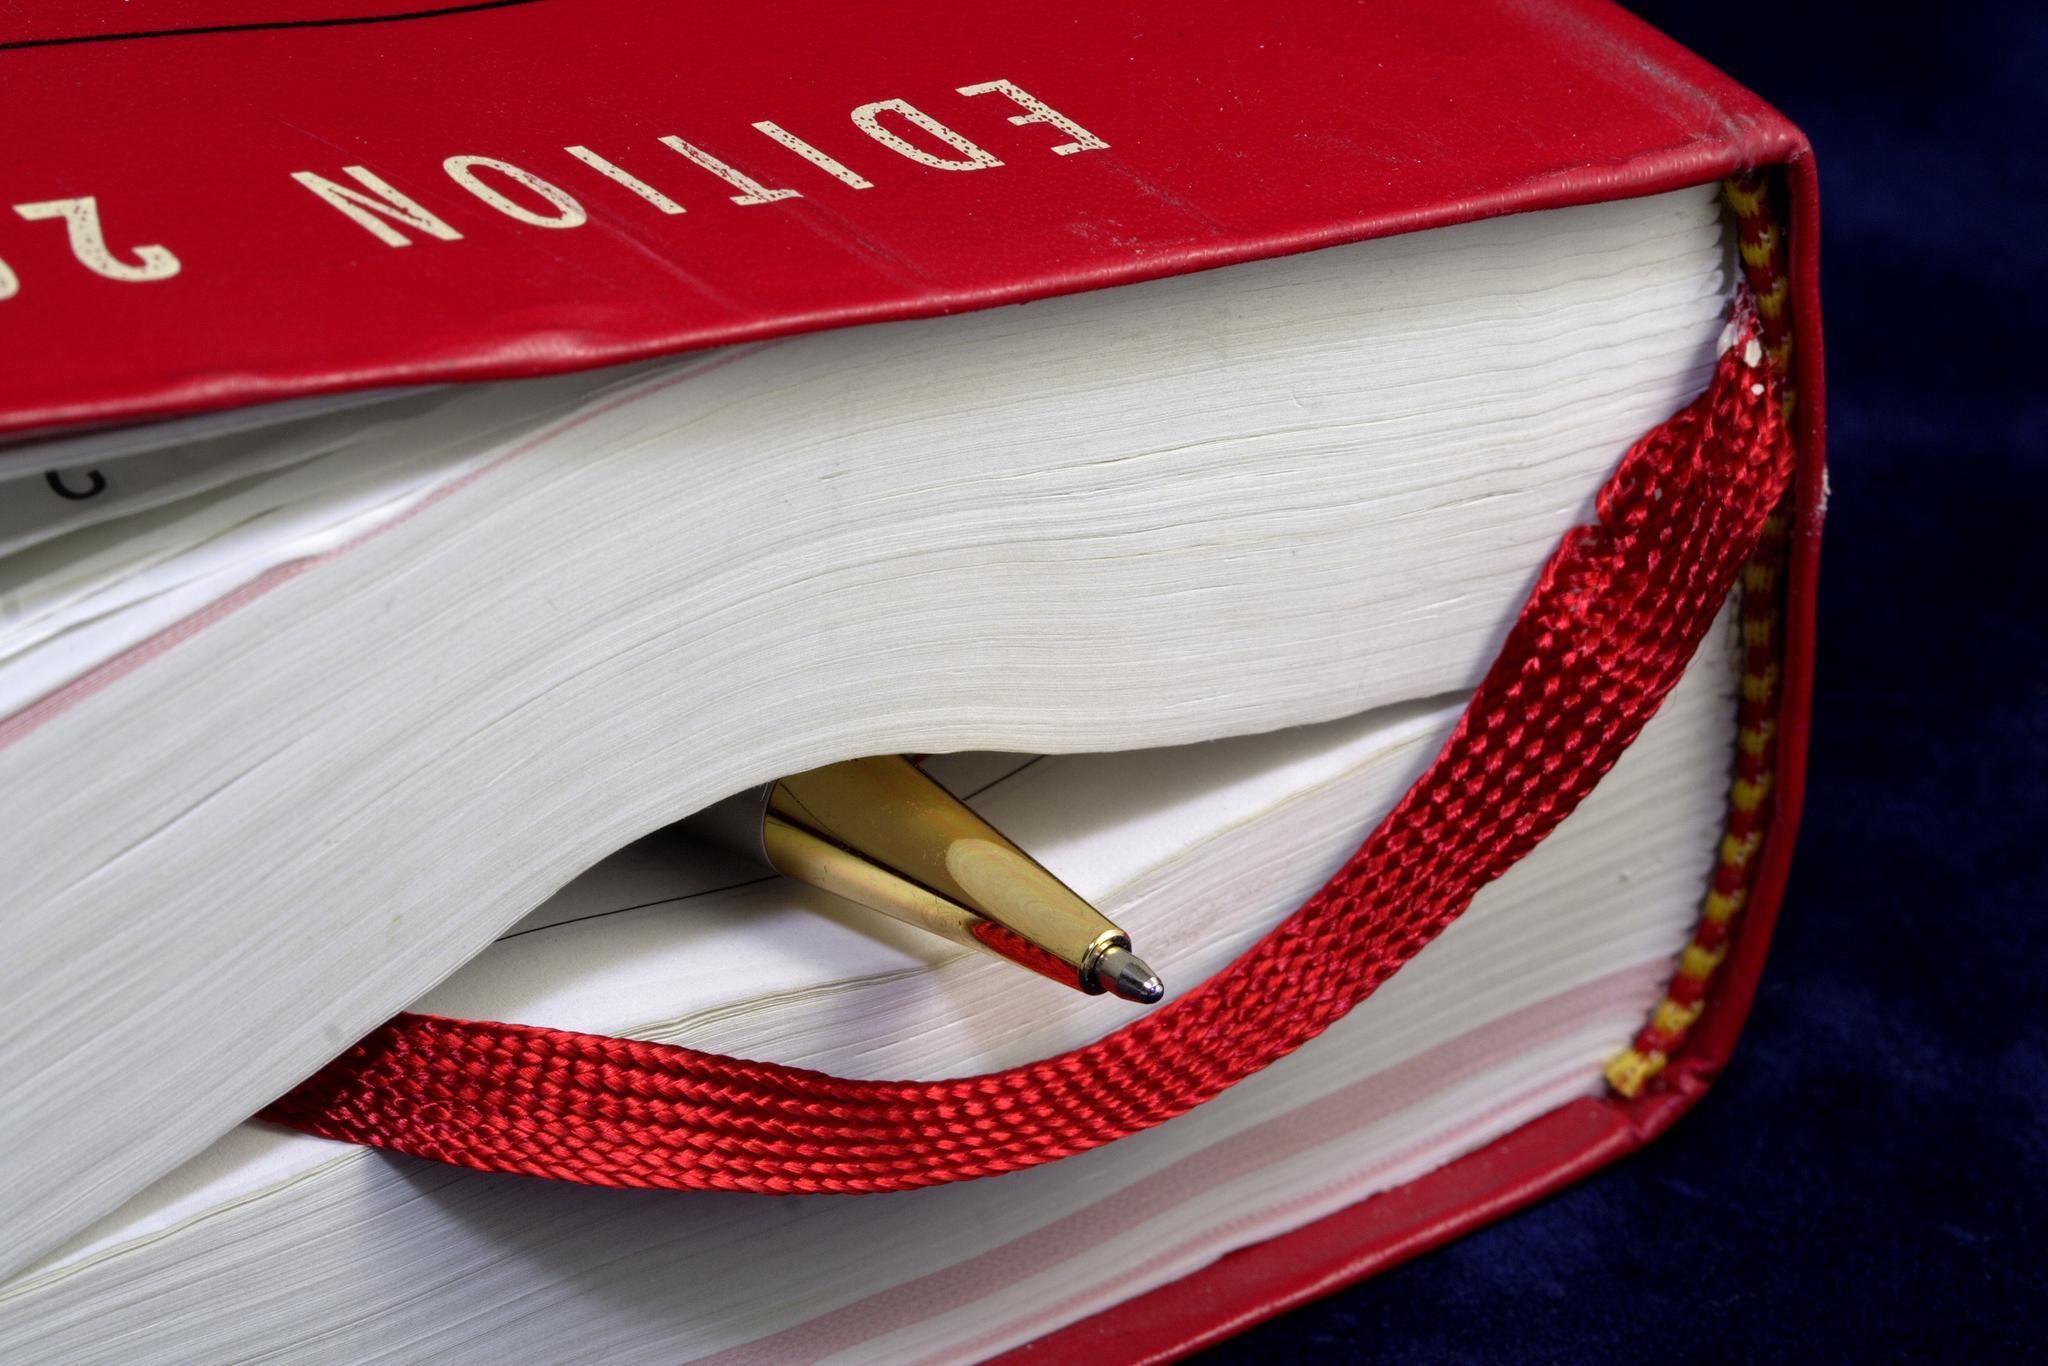 Goldfarbener Kugelschreiber und rotes Lesezeichenband in dickem Gesetzbuch eingeklemmt